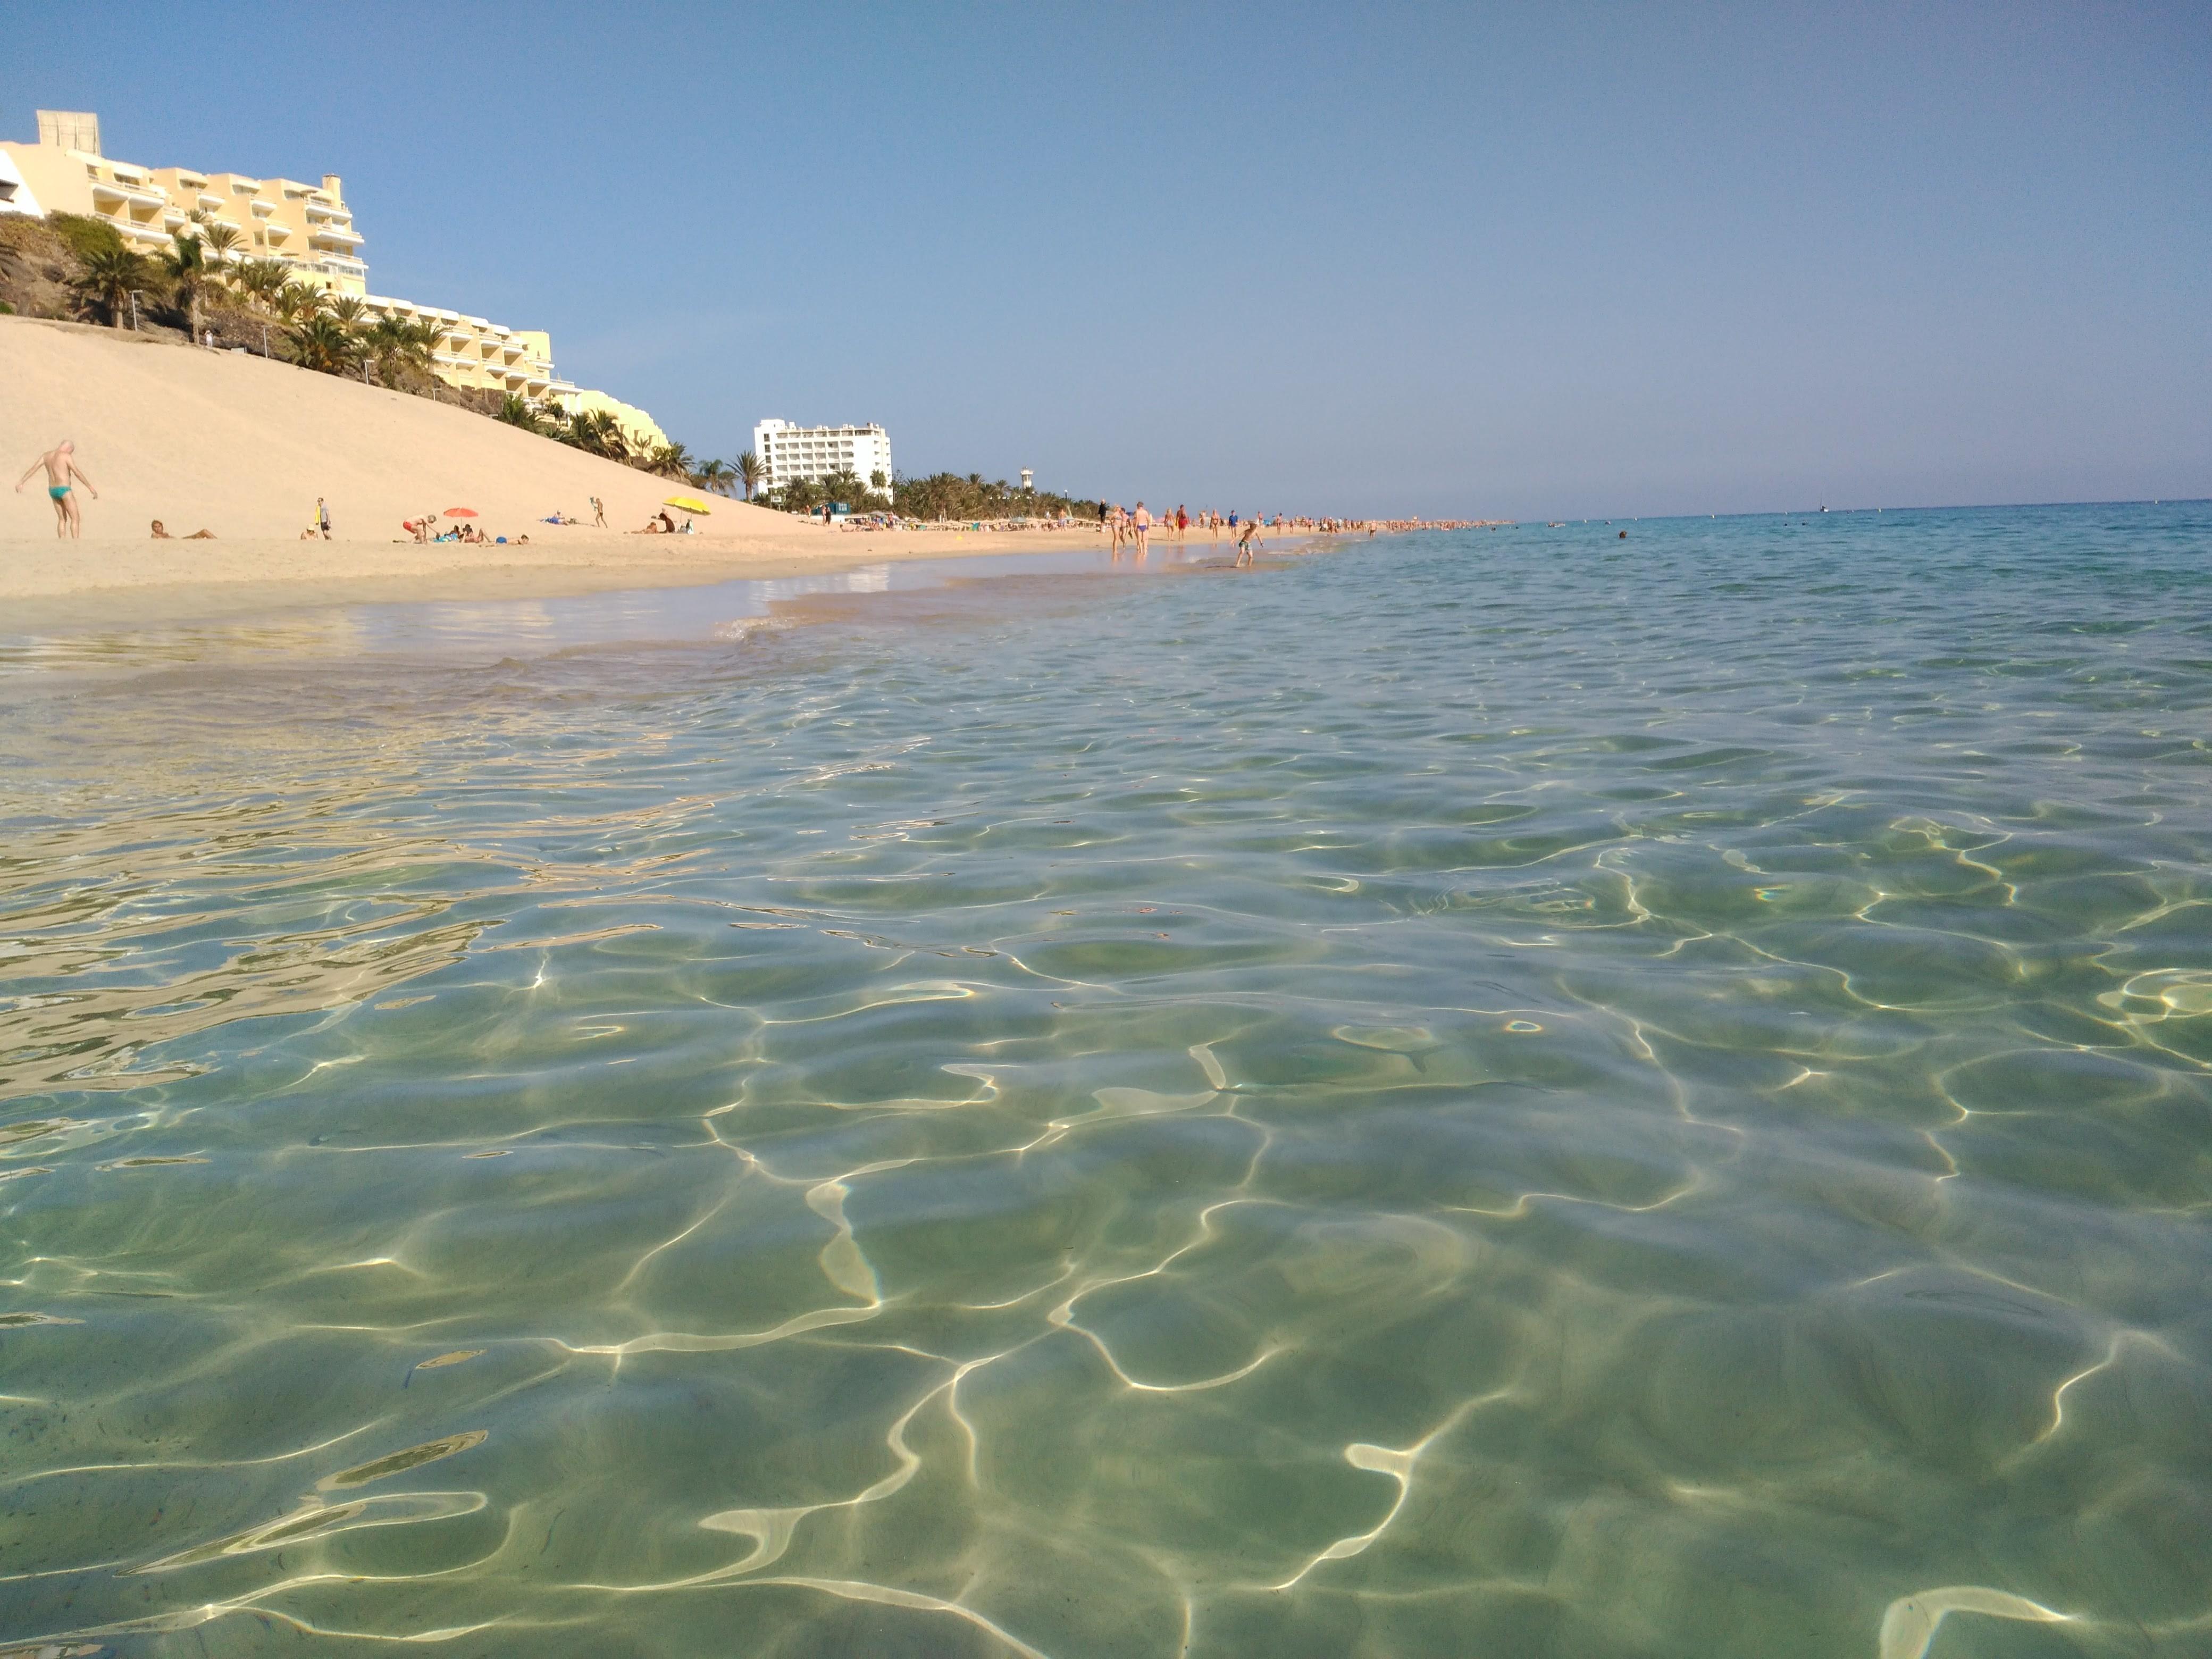 Ferienwohnung Apartment in Strandnhe mit groer Terrasse, Wlan und Parkplatz (2628896), Costa Calma, Fuerteventura, Kanarische Inseln, Spanien, Bild 38